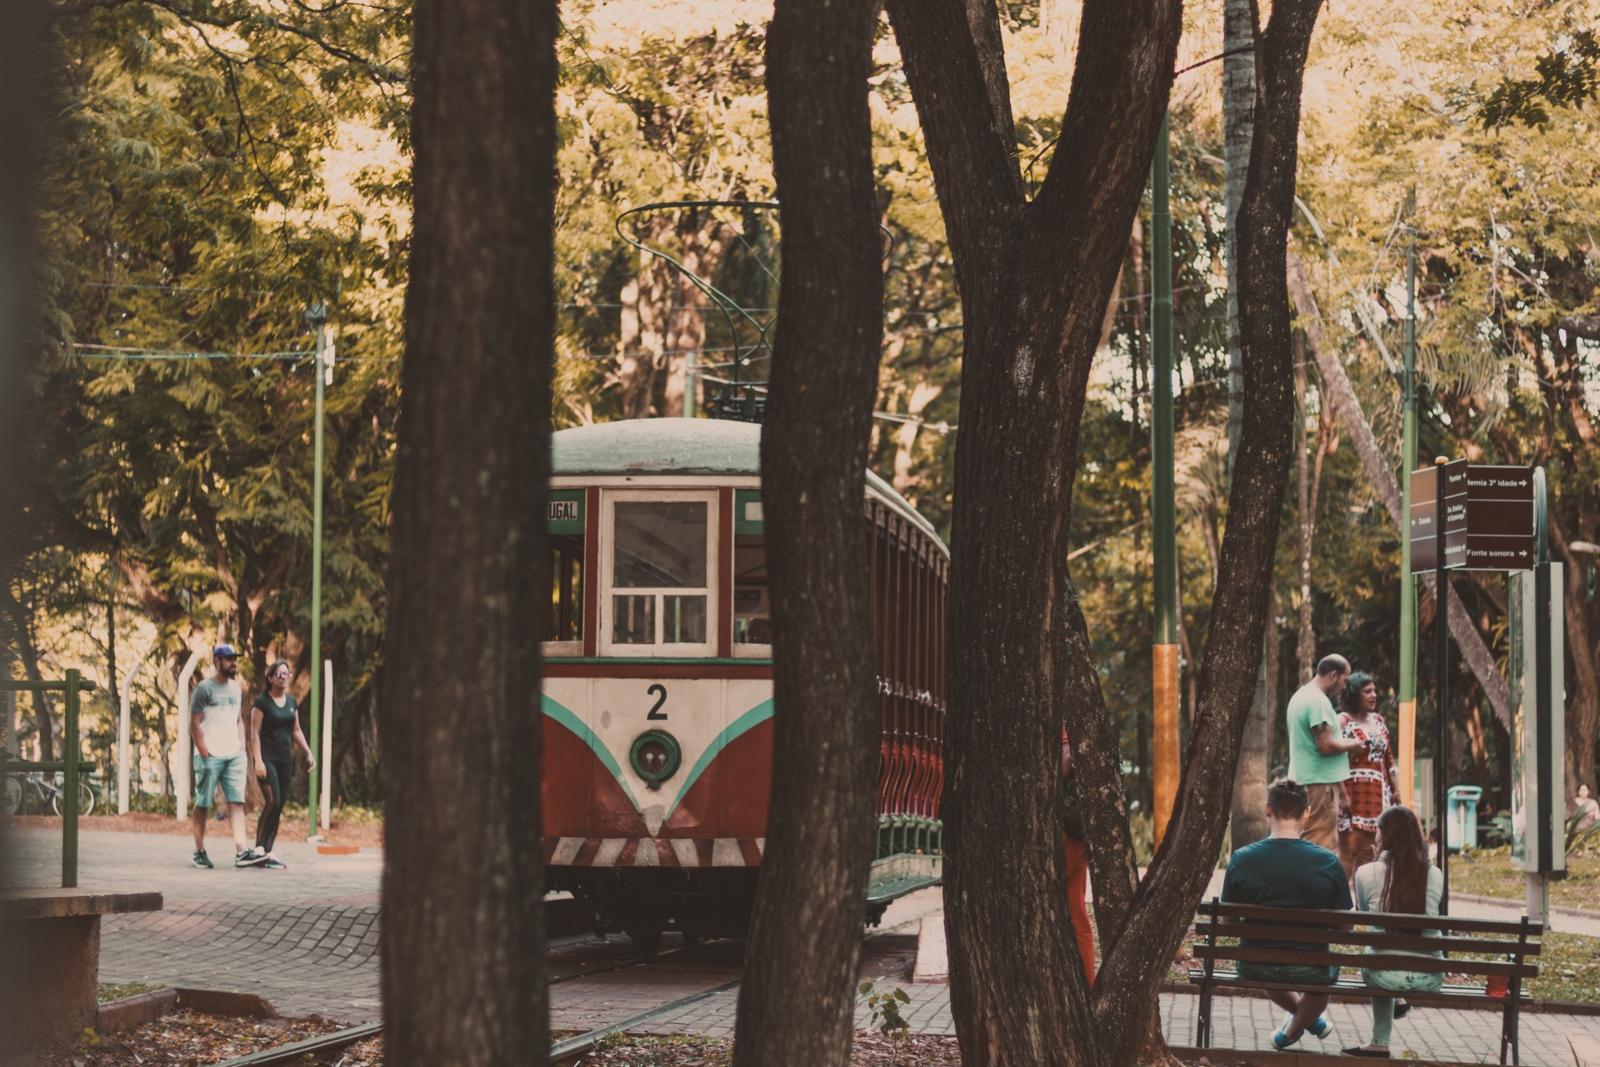 fotografando em parques